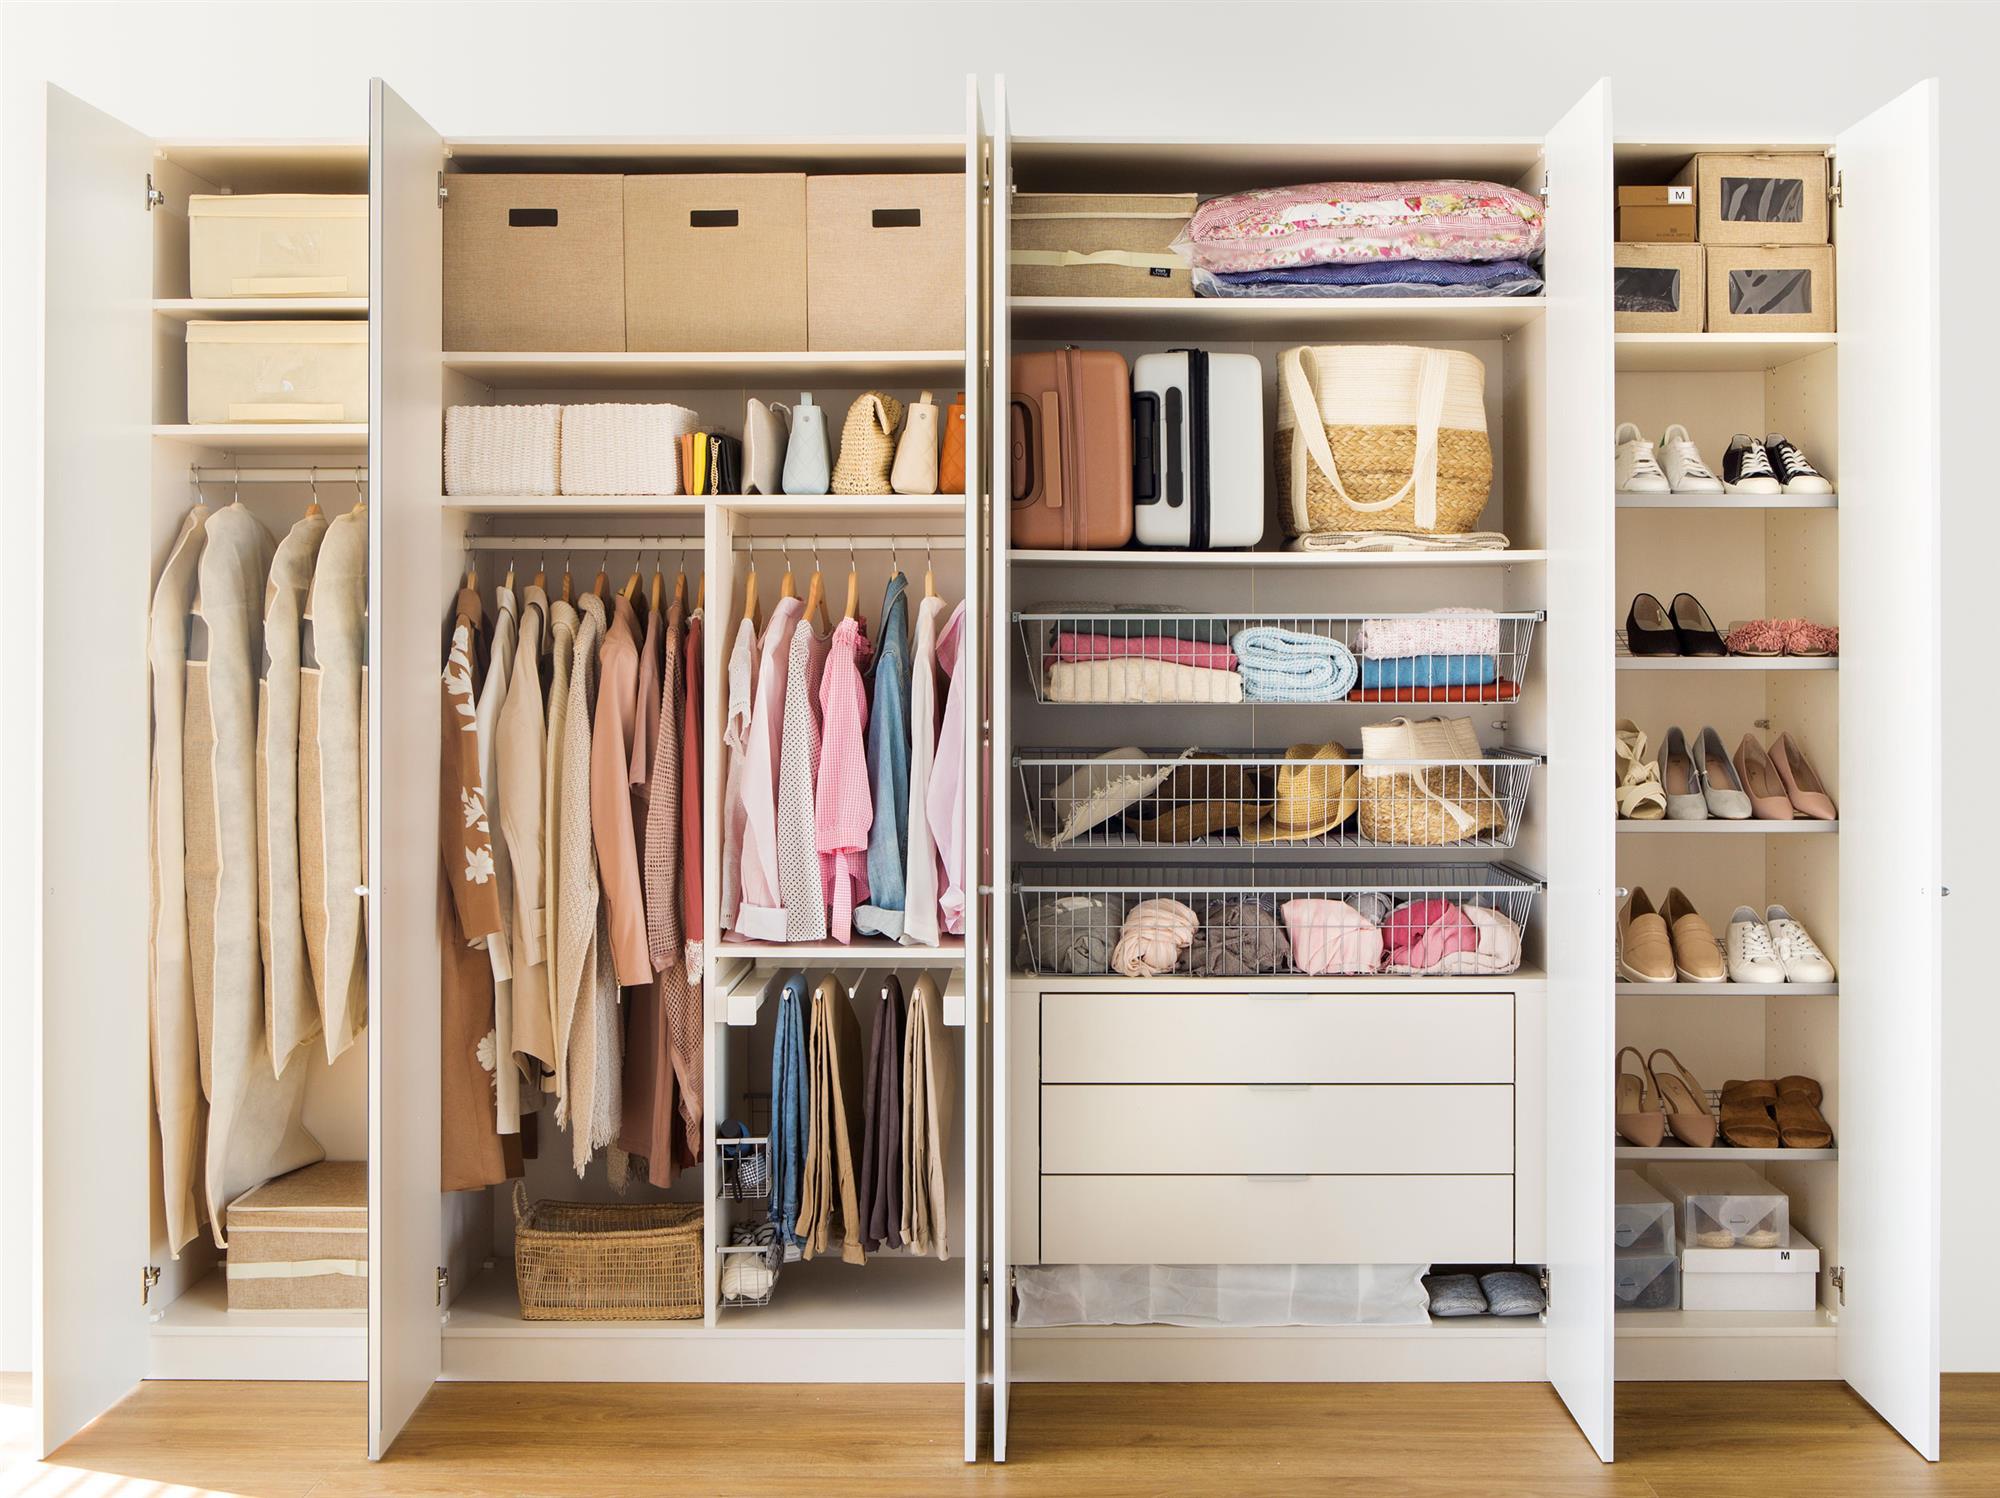 Como hacer un closet con cajas de fruta ideas creativas for Closet de madera para zapatos